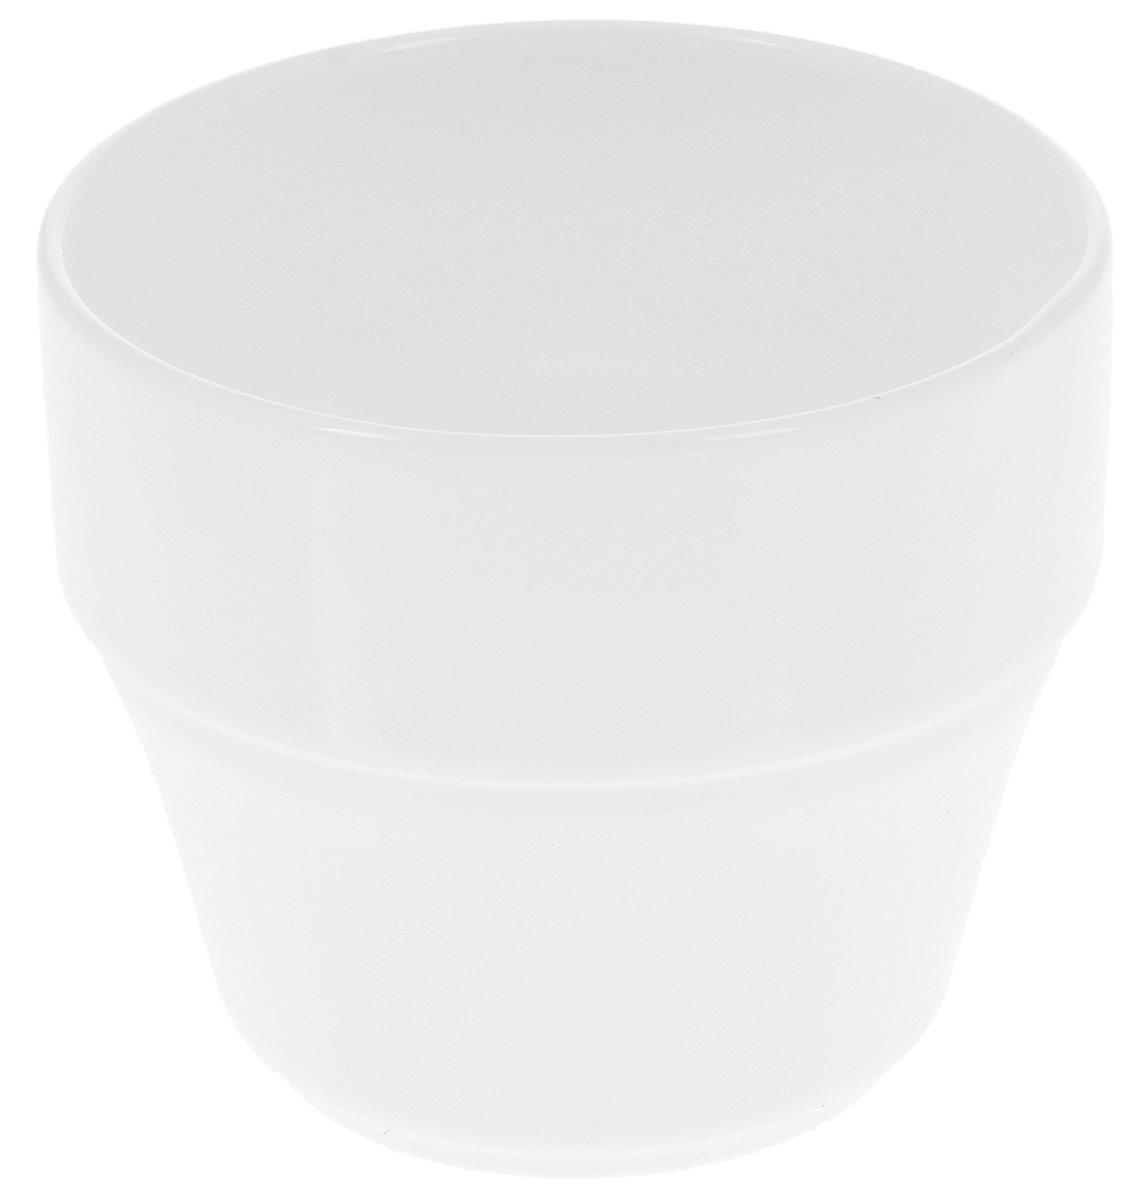 """Кружка """"Wilmax"""" изготовлена из высококачественного фарфора, покрытого глазурью. Материал легкий, тонкий, свет без труда проникает сквозь изделие. Посуда имеет роскошную белизну, гладкость и блеск достигаются за счет особой рецептуры глазури.  Изделие обладает низкой водопоглощаемостью, высокой термостойкостью и ударопрочностью, а также экологичностью. Посуда долговечна и рассчитана на постоянное интенсивное использование. Гладкая непористая поверхность исключает проникновение бактерий, изделие не будет впитывать посторонние запахи и сохранит первоначальный цвет.  Кружка штабелируемая, то есть несколько кружек легко вставляются друг в друга, что экономит место при хранении. Такая кружка пригодится в любом хозяйстве, она функциональная, практичная и легкая в уходе.  Можно мыть в посудомоечной машине и использовать в микроволновой печи.  Диаметр (по верхнему краю): 7,5 см.  Высота стенки: 7 см."""